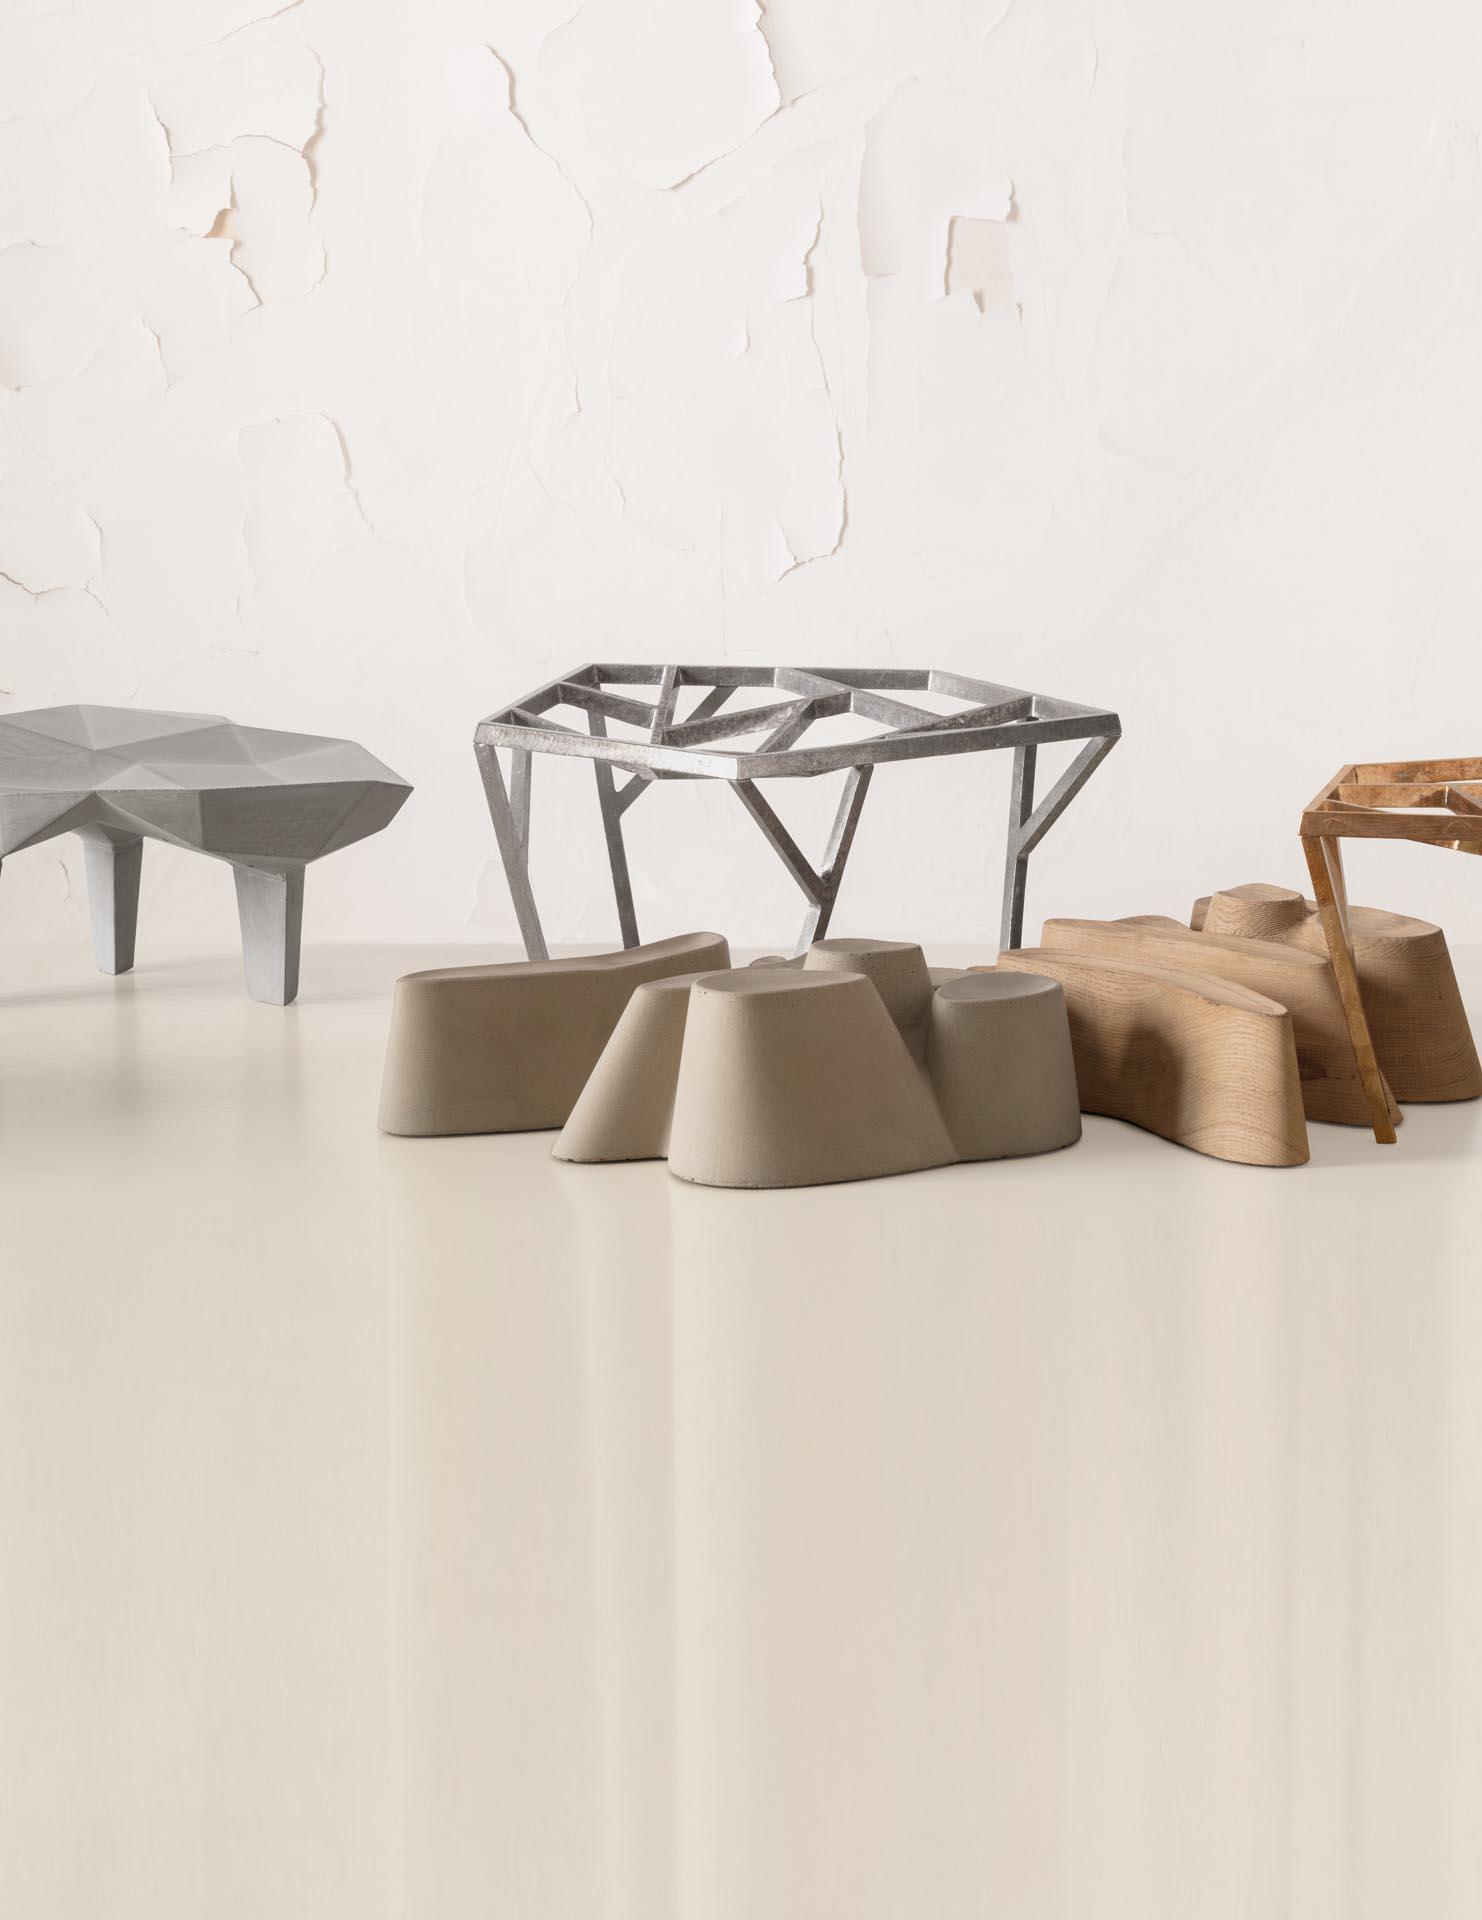 Out of scale_Alias_Mario Trimarchi Design_Santi Caleca